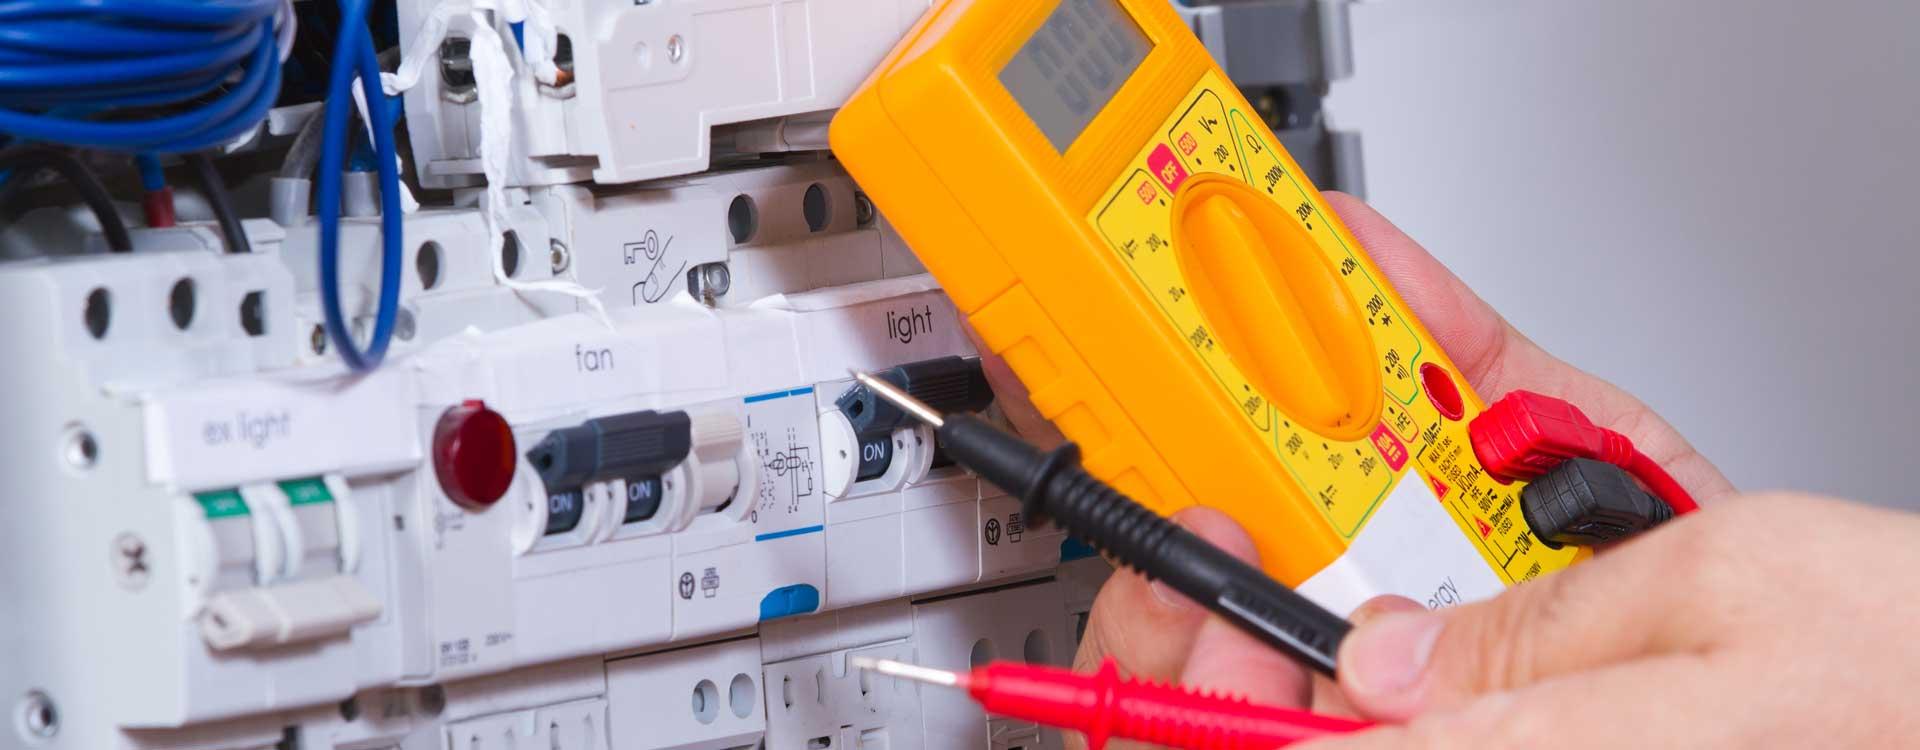 Entreprise spécialisée dans l'électricité depuis 30 ans